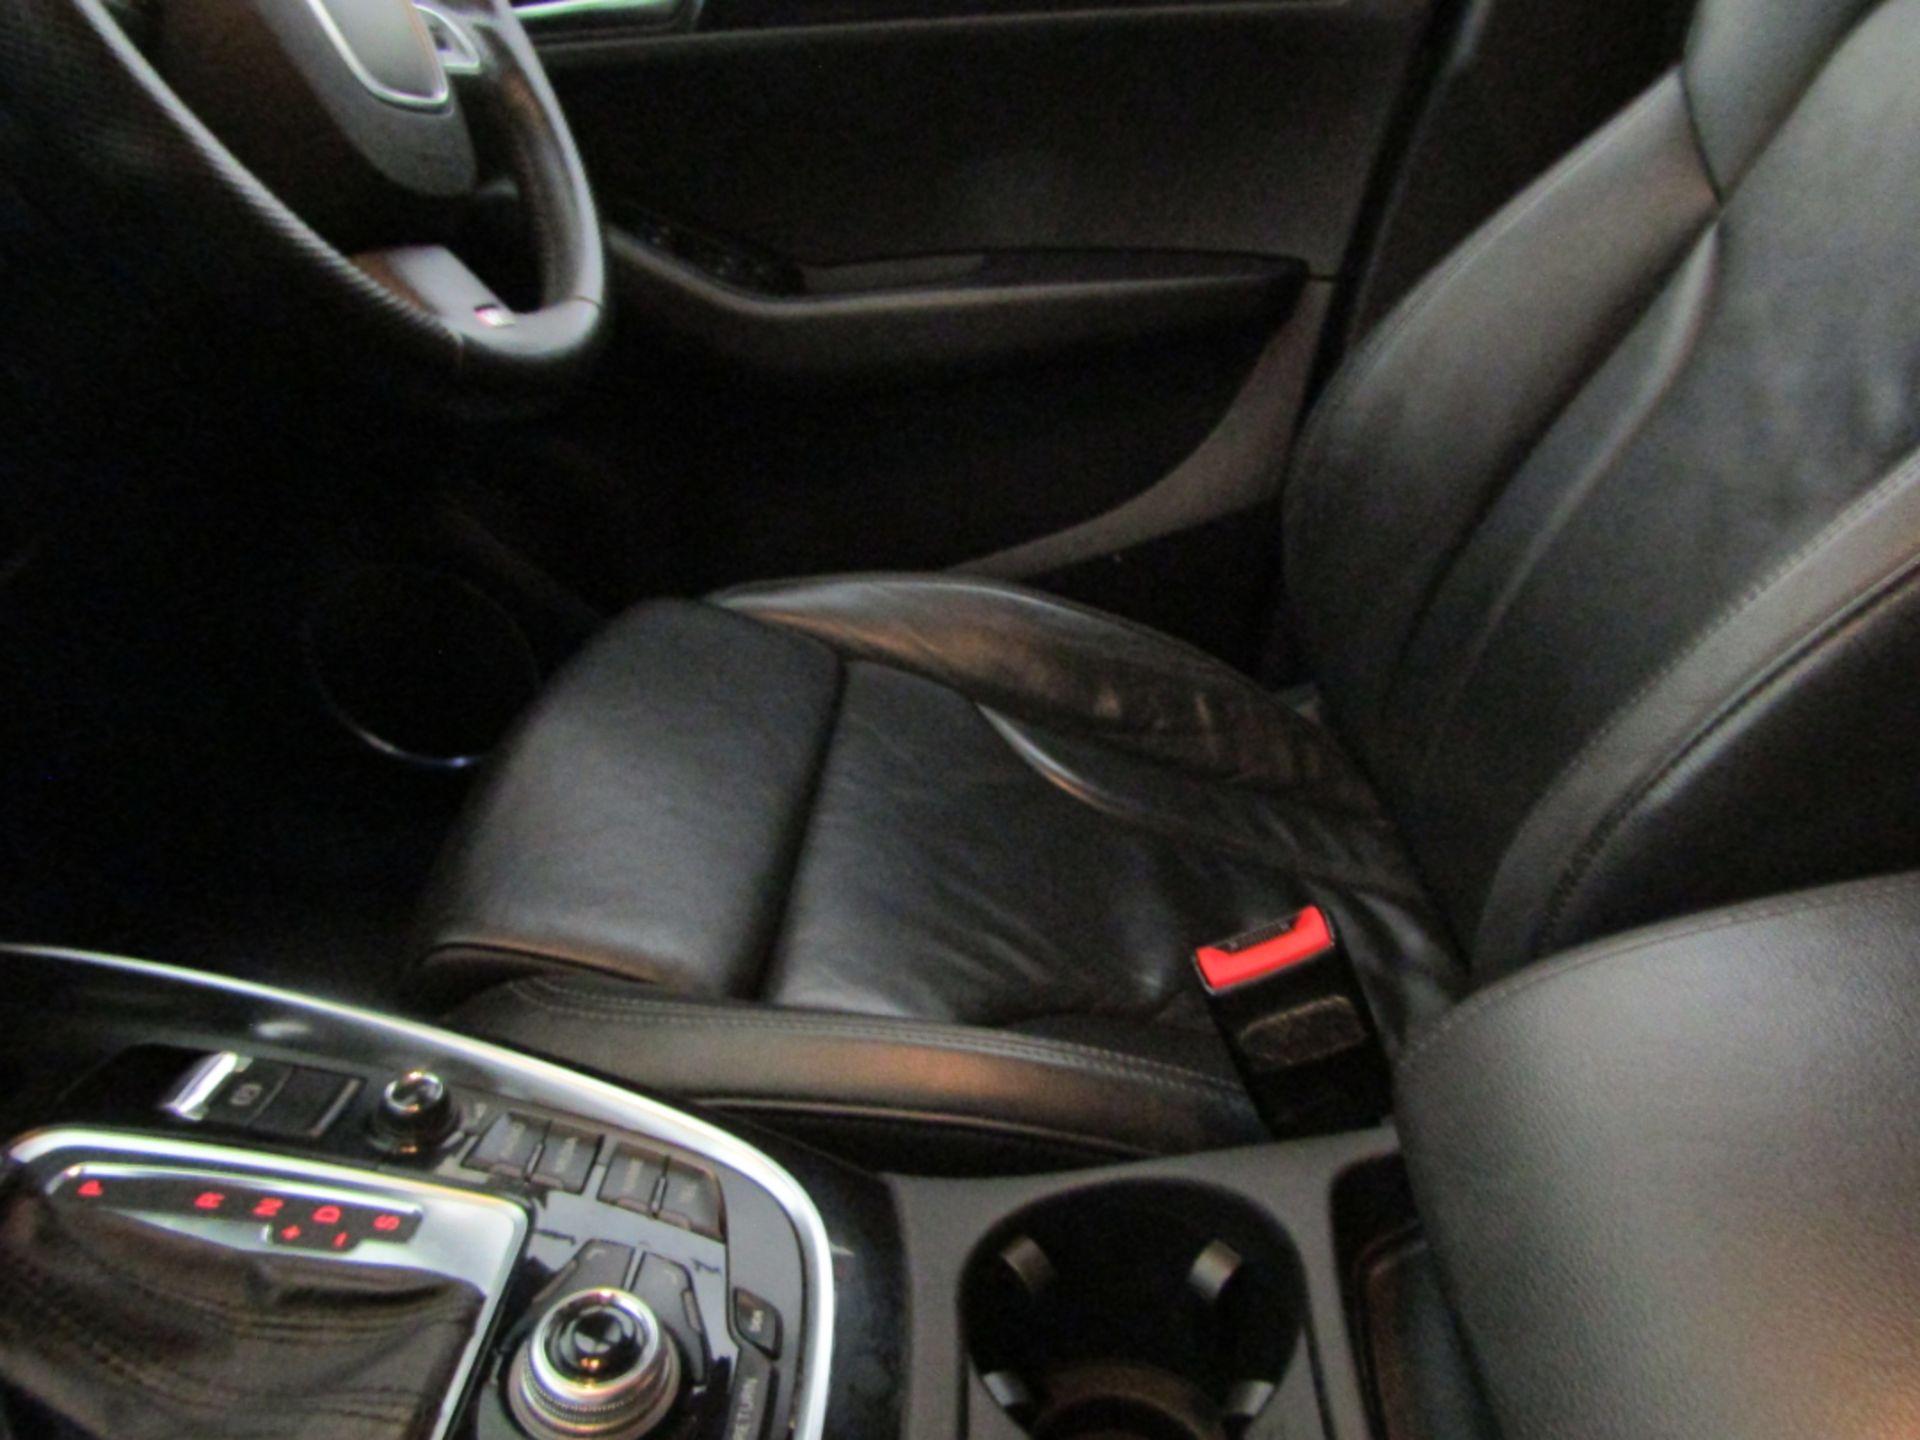 09 09 Audi Q5 S Line TFSI Quattro - Image 6 of 17